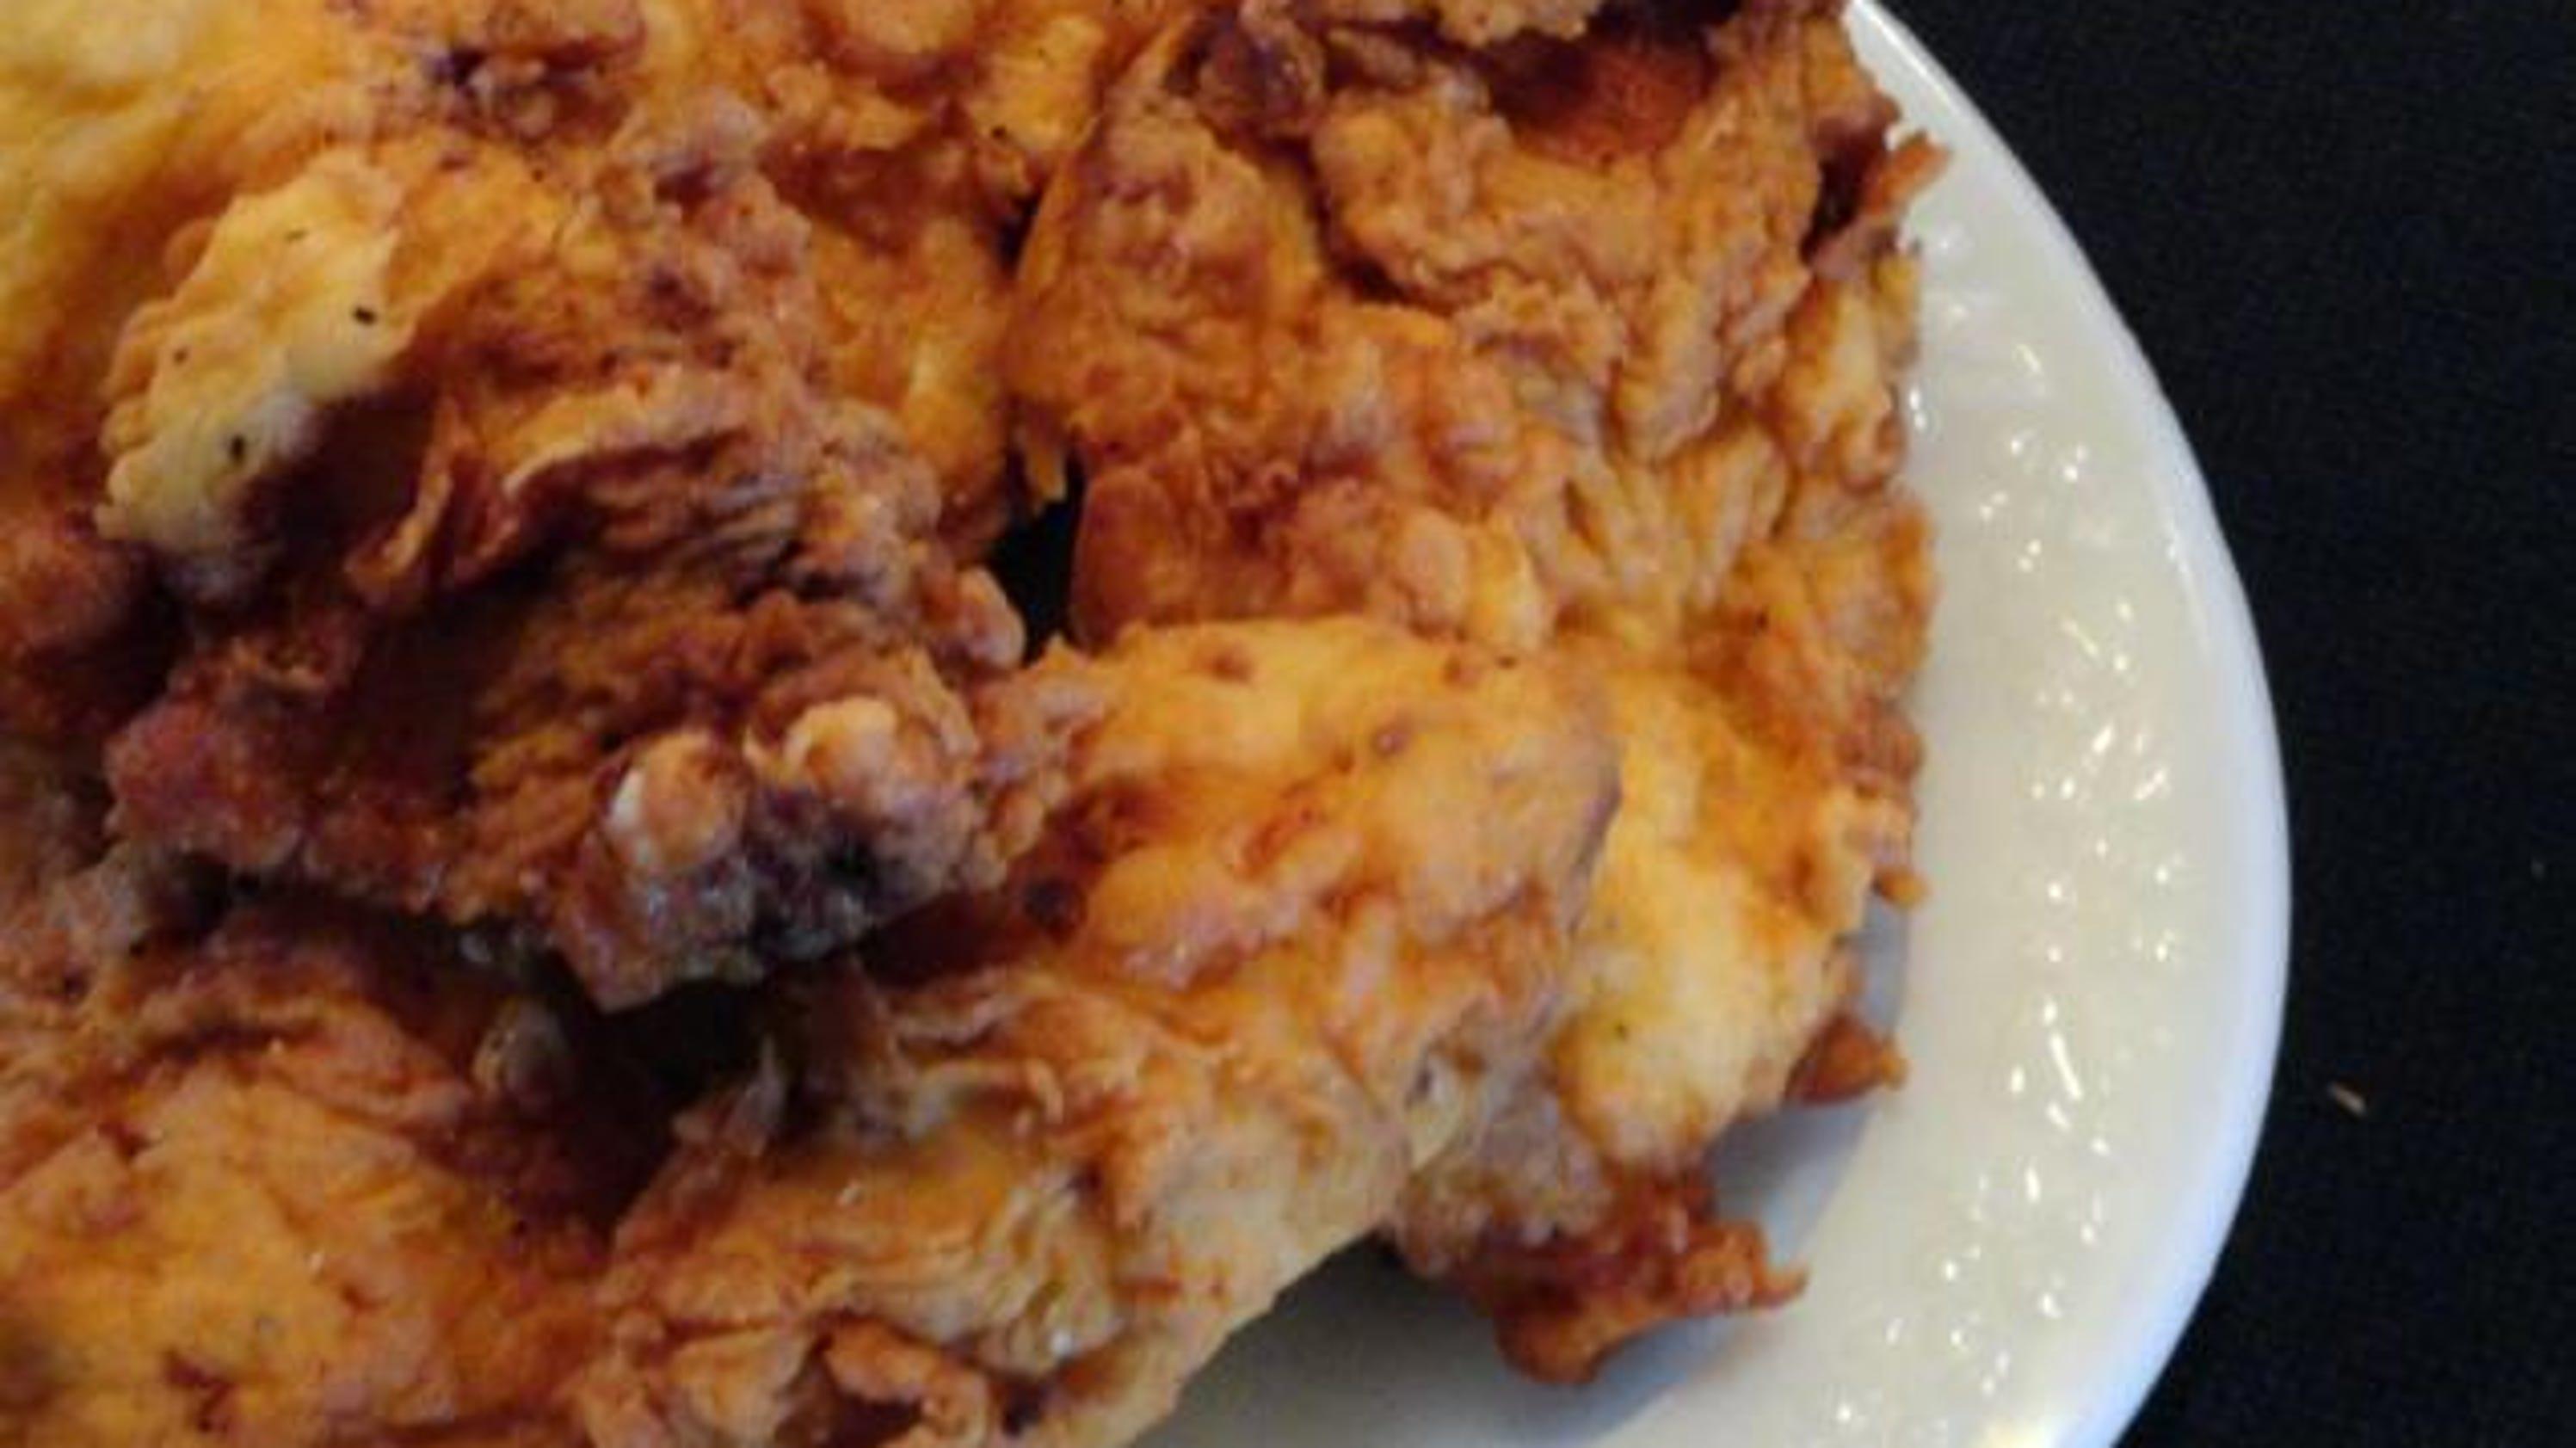 Buttermilk soak is secret to crispy fried chicken forumfinder Choice Image